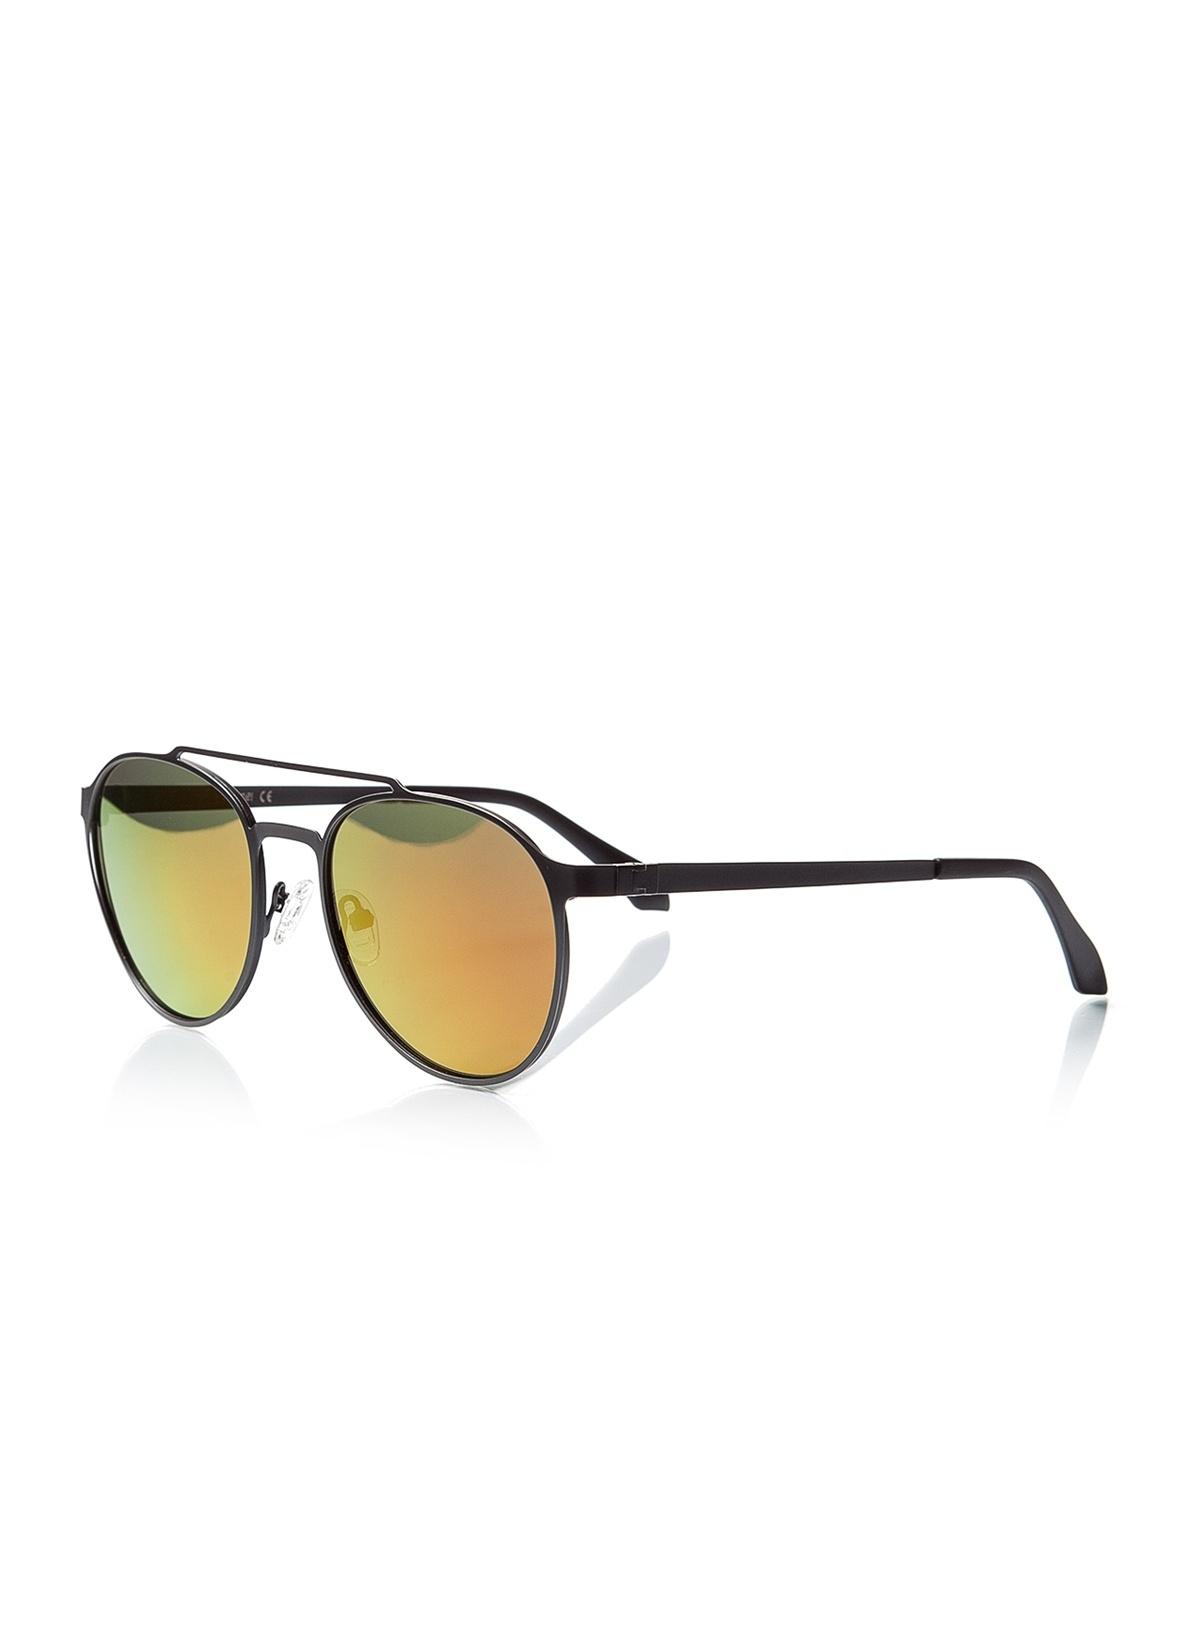 Hummel Güneş Gözlüğü Hm Jeff 03 Güneş Gözlüğü – 449.99 TL